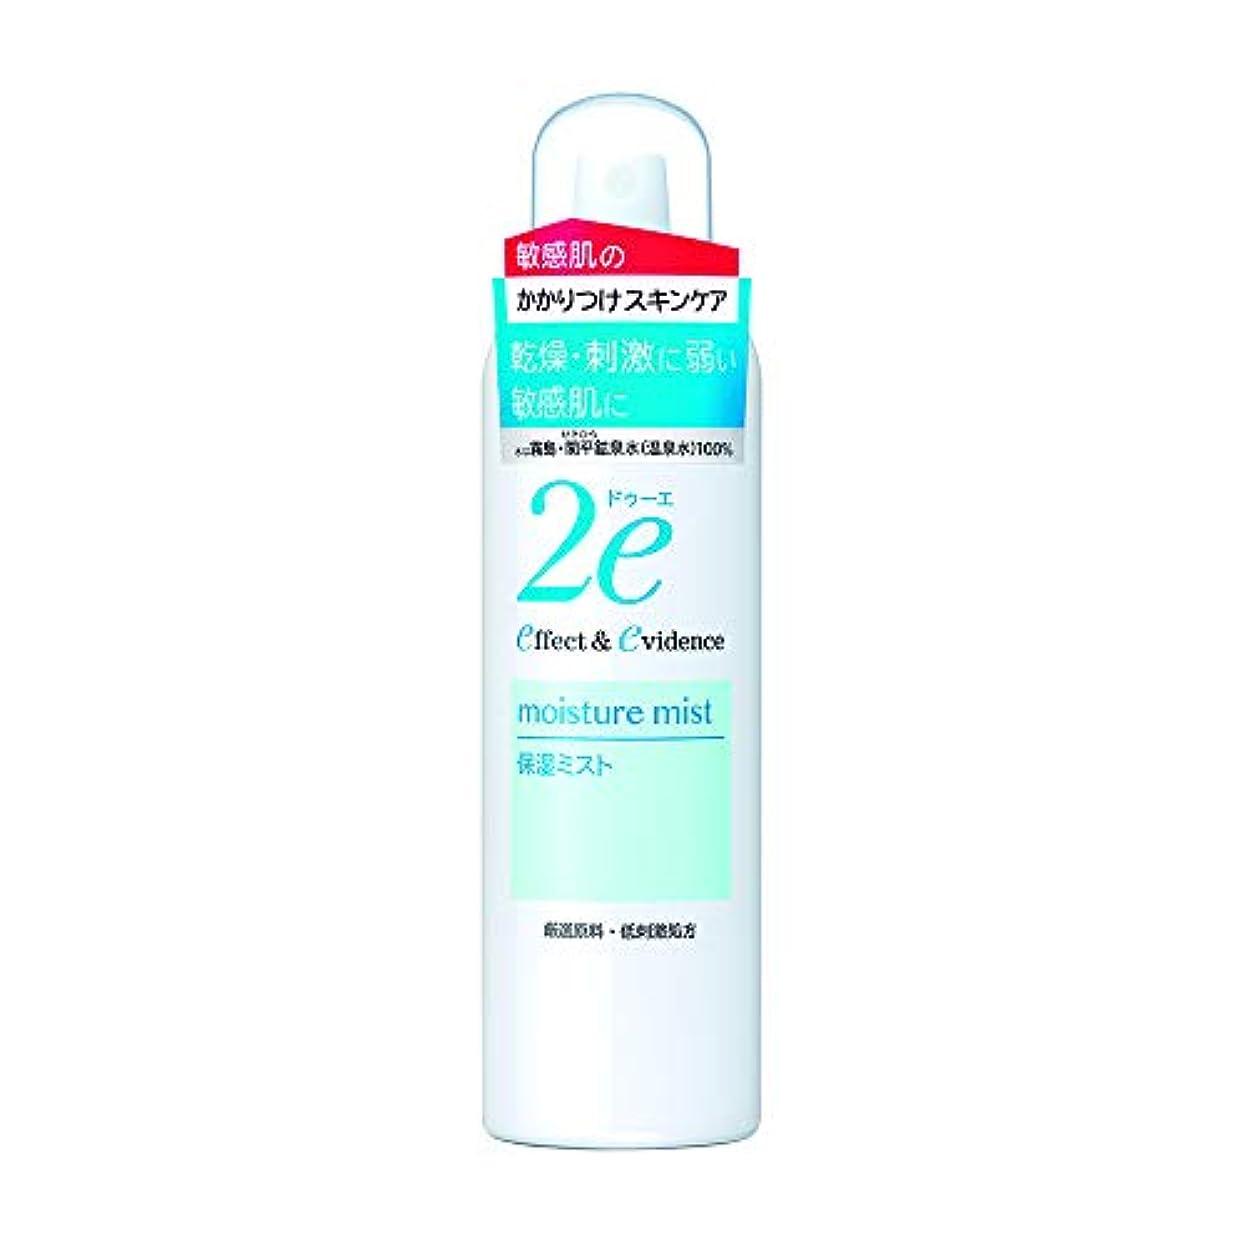 すべき巨大な時計回り2e(ドゥーエ) 保湿ミスト 敏感肌用化粧水 スプレータイプ 低刺激処方 180g